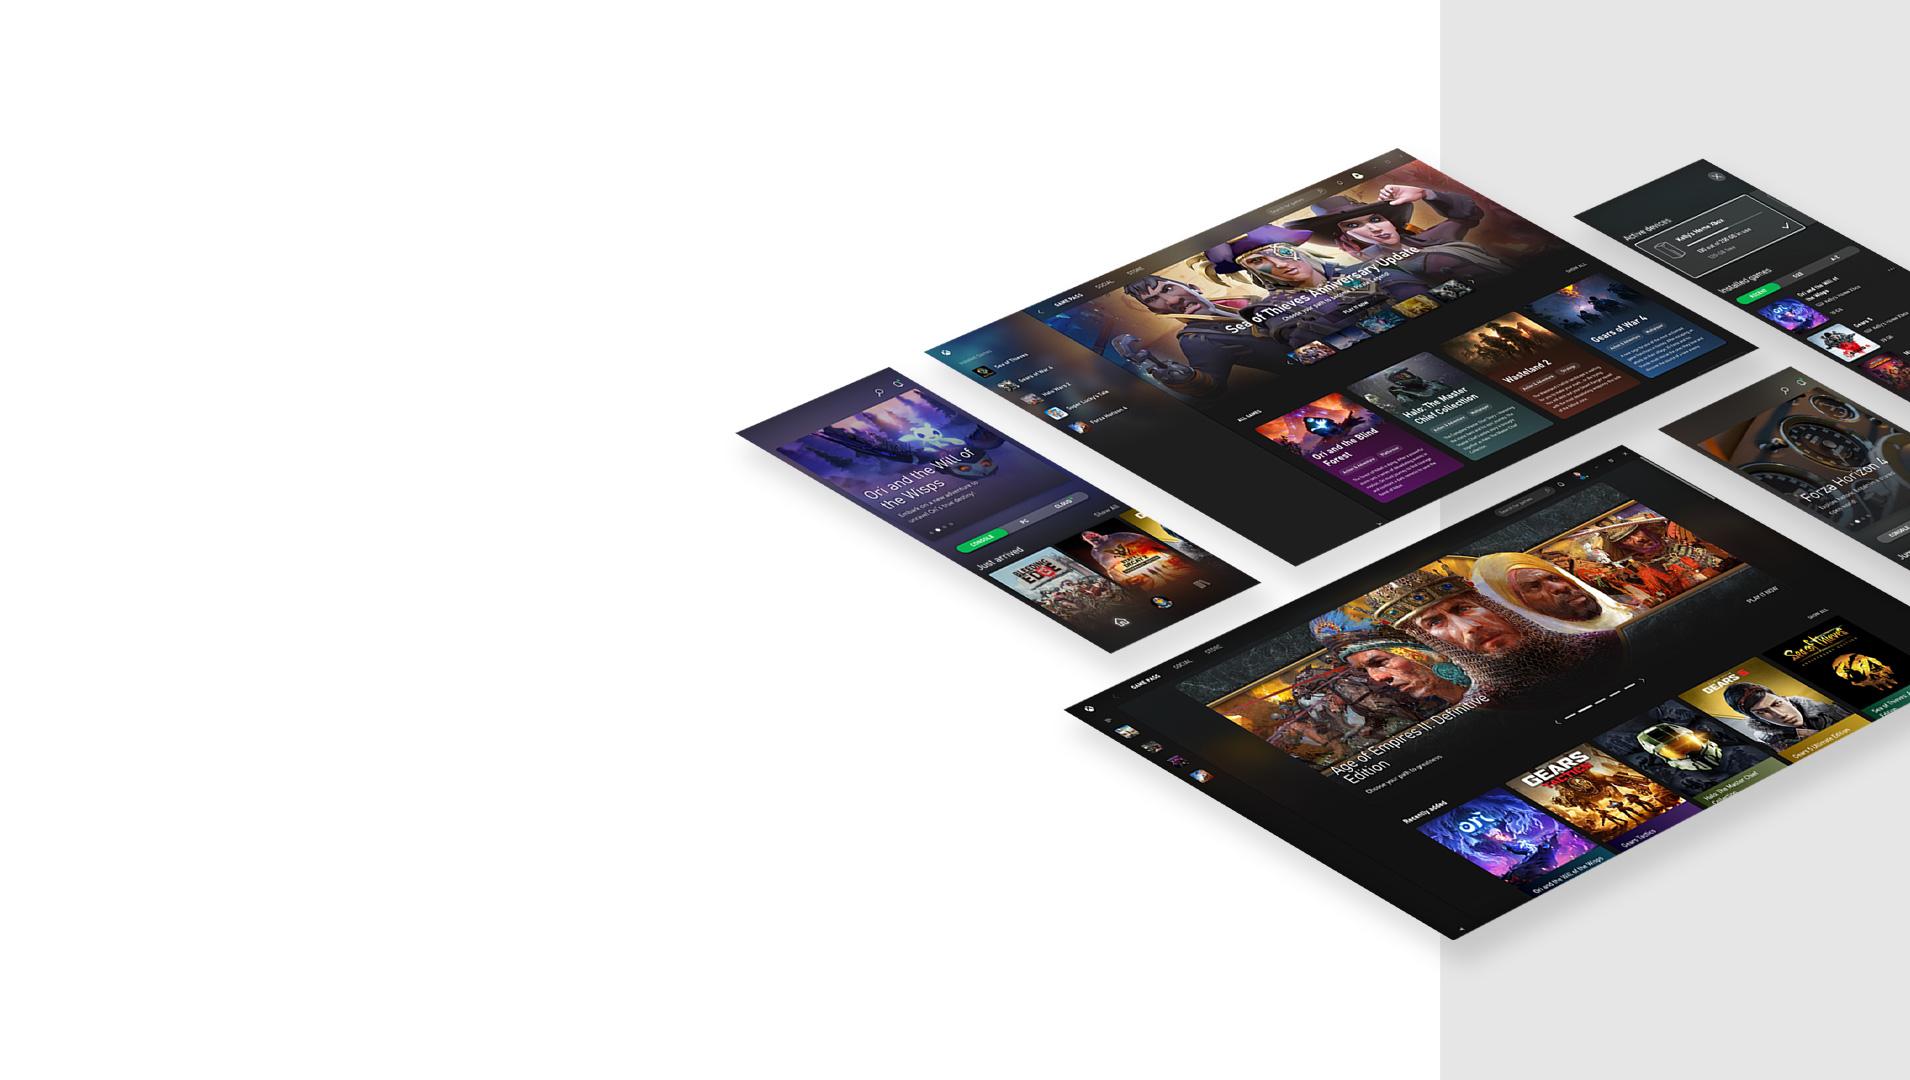 Écrans mobiles flottants de l'application mobile Xbox Game Pass et de l'application Xbox pour PC